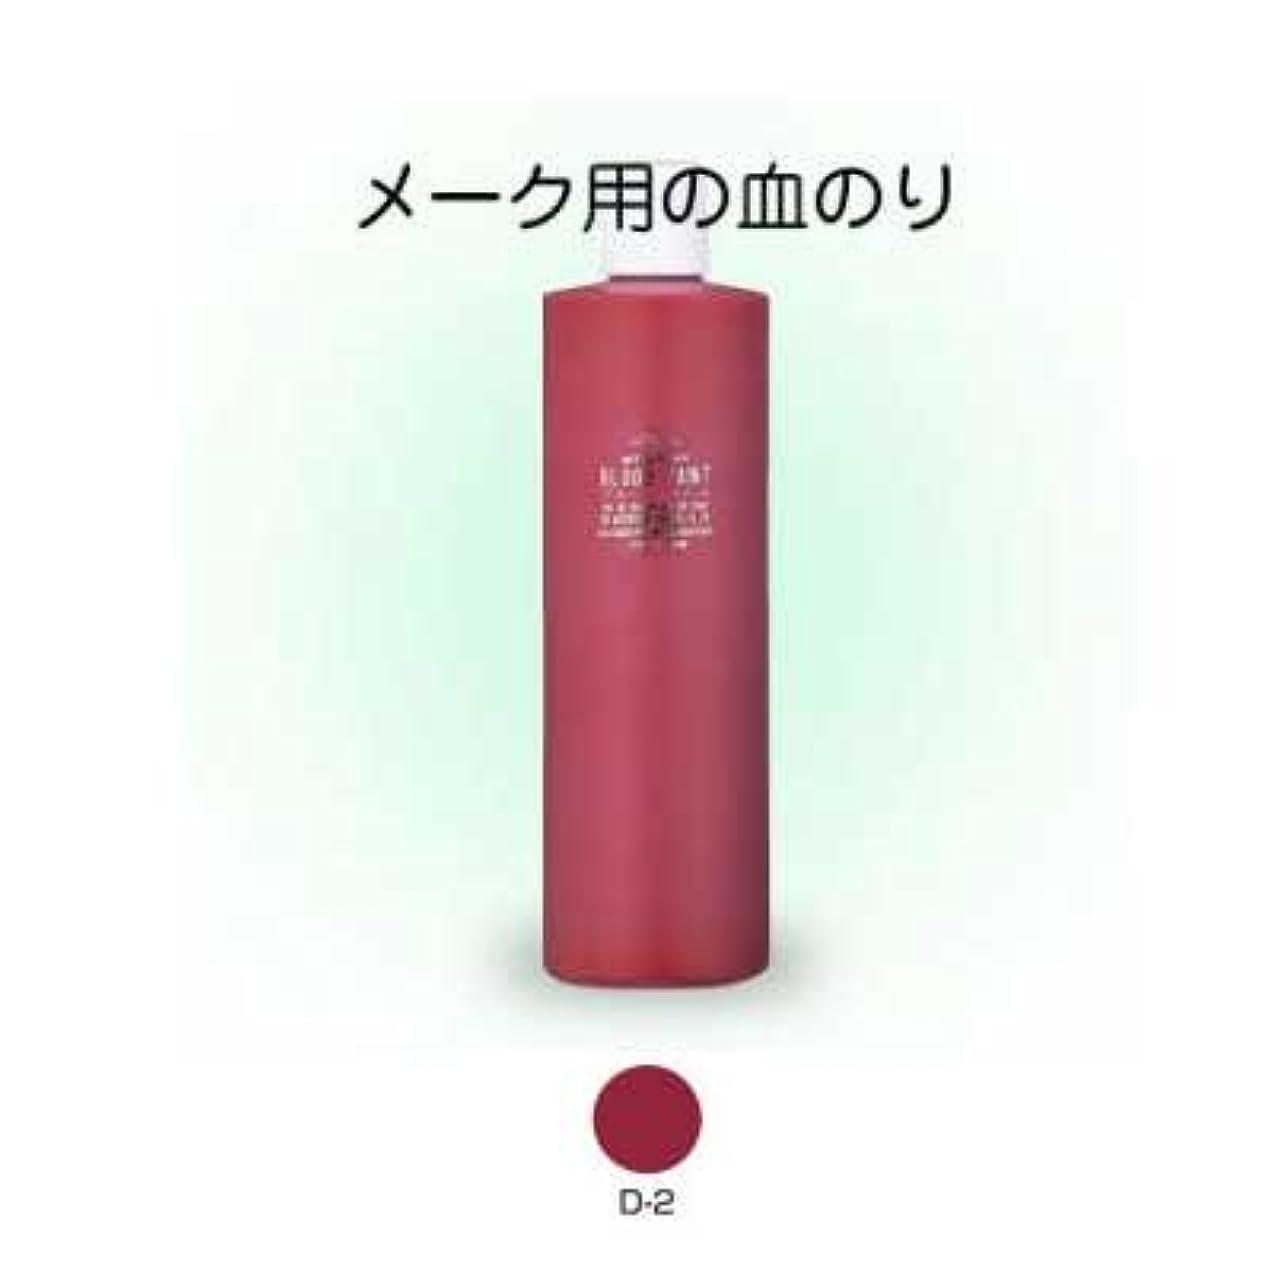 お気に入り配管戸惑うブロードペイント(メークアップ用の血のり)500ml D-2【三善】